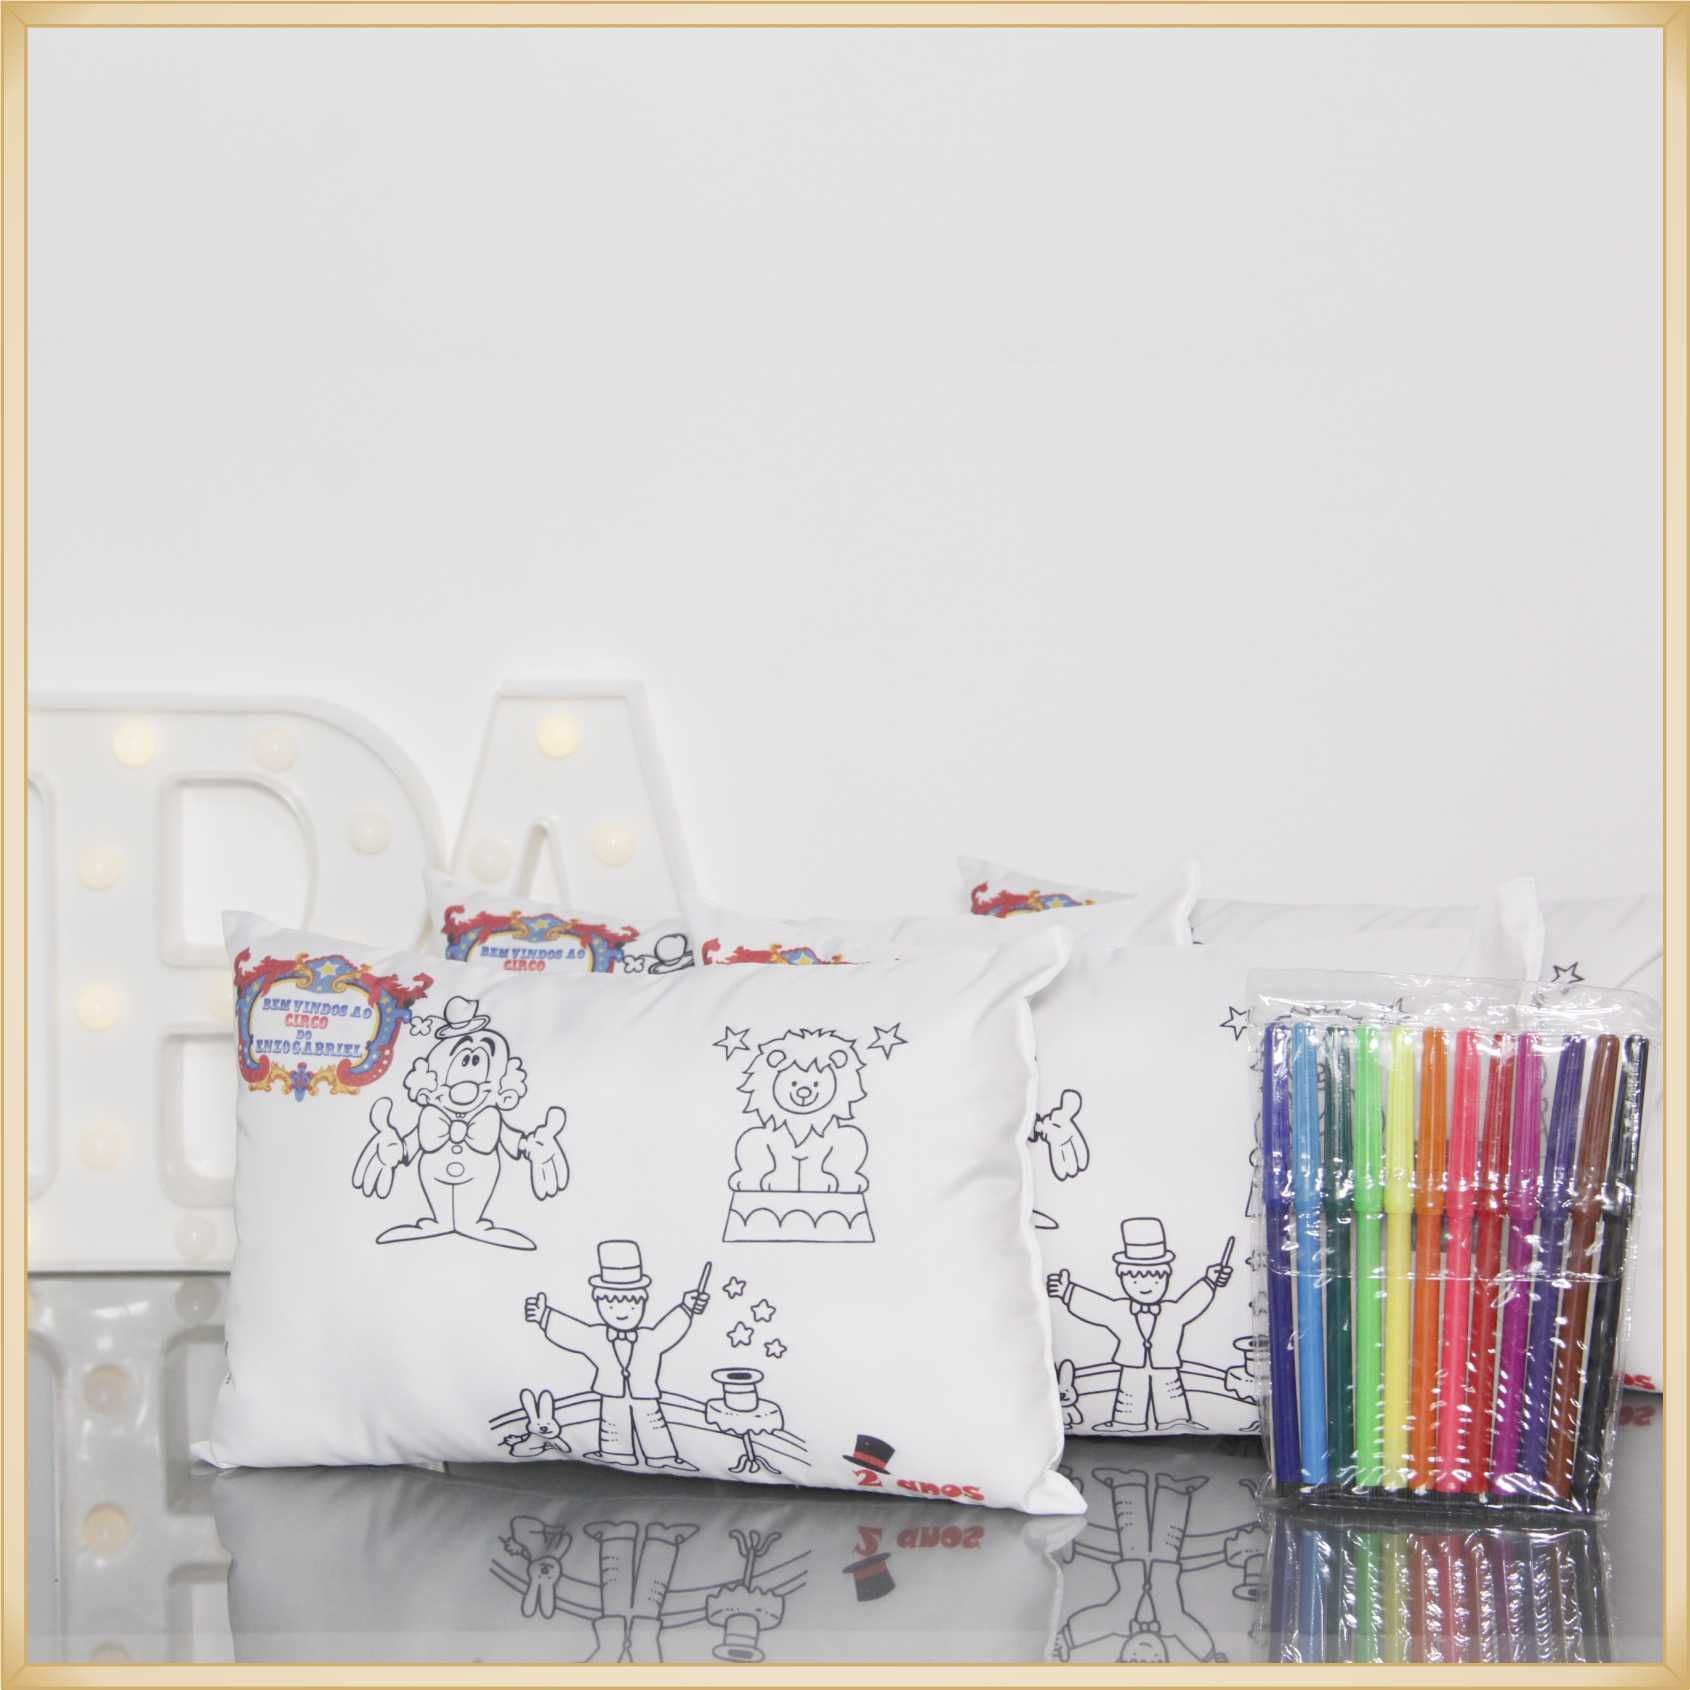 Almofadas para Pintar Personalizadas para lembrancinha de aniversário brindes de colorir - Kit com 15 unidades Tamanho 20x30cm.